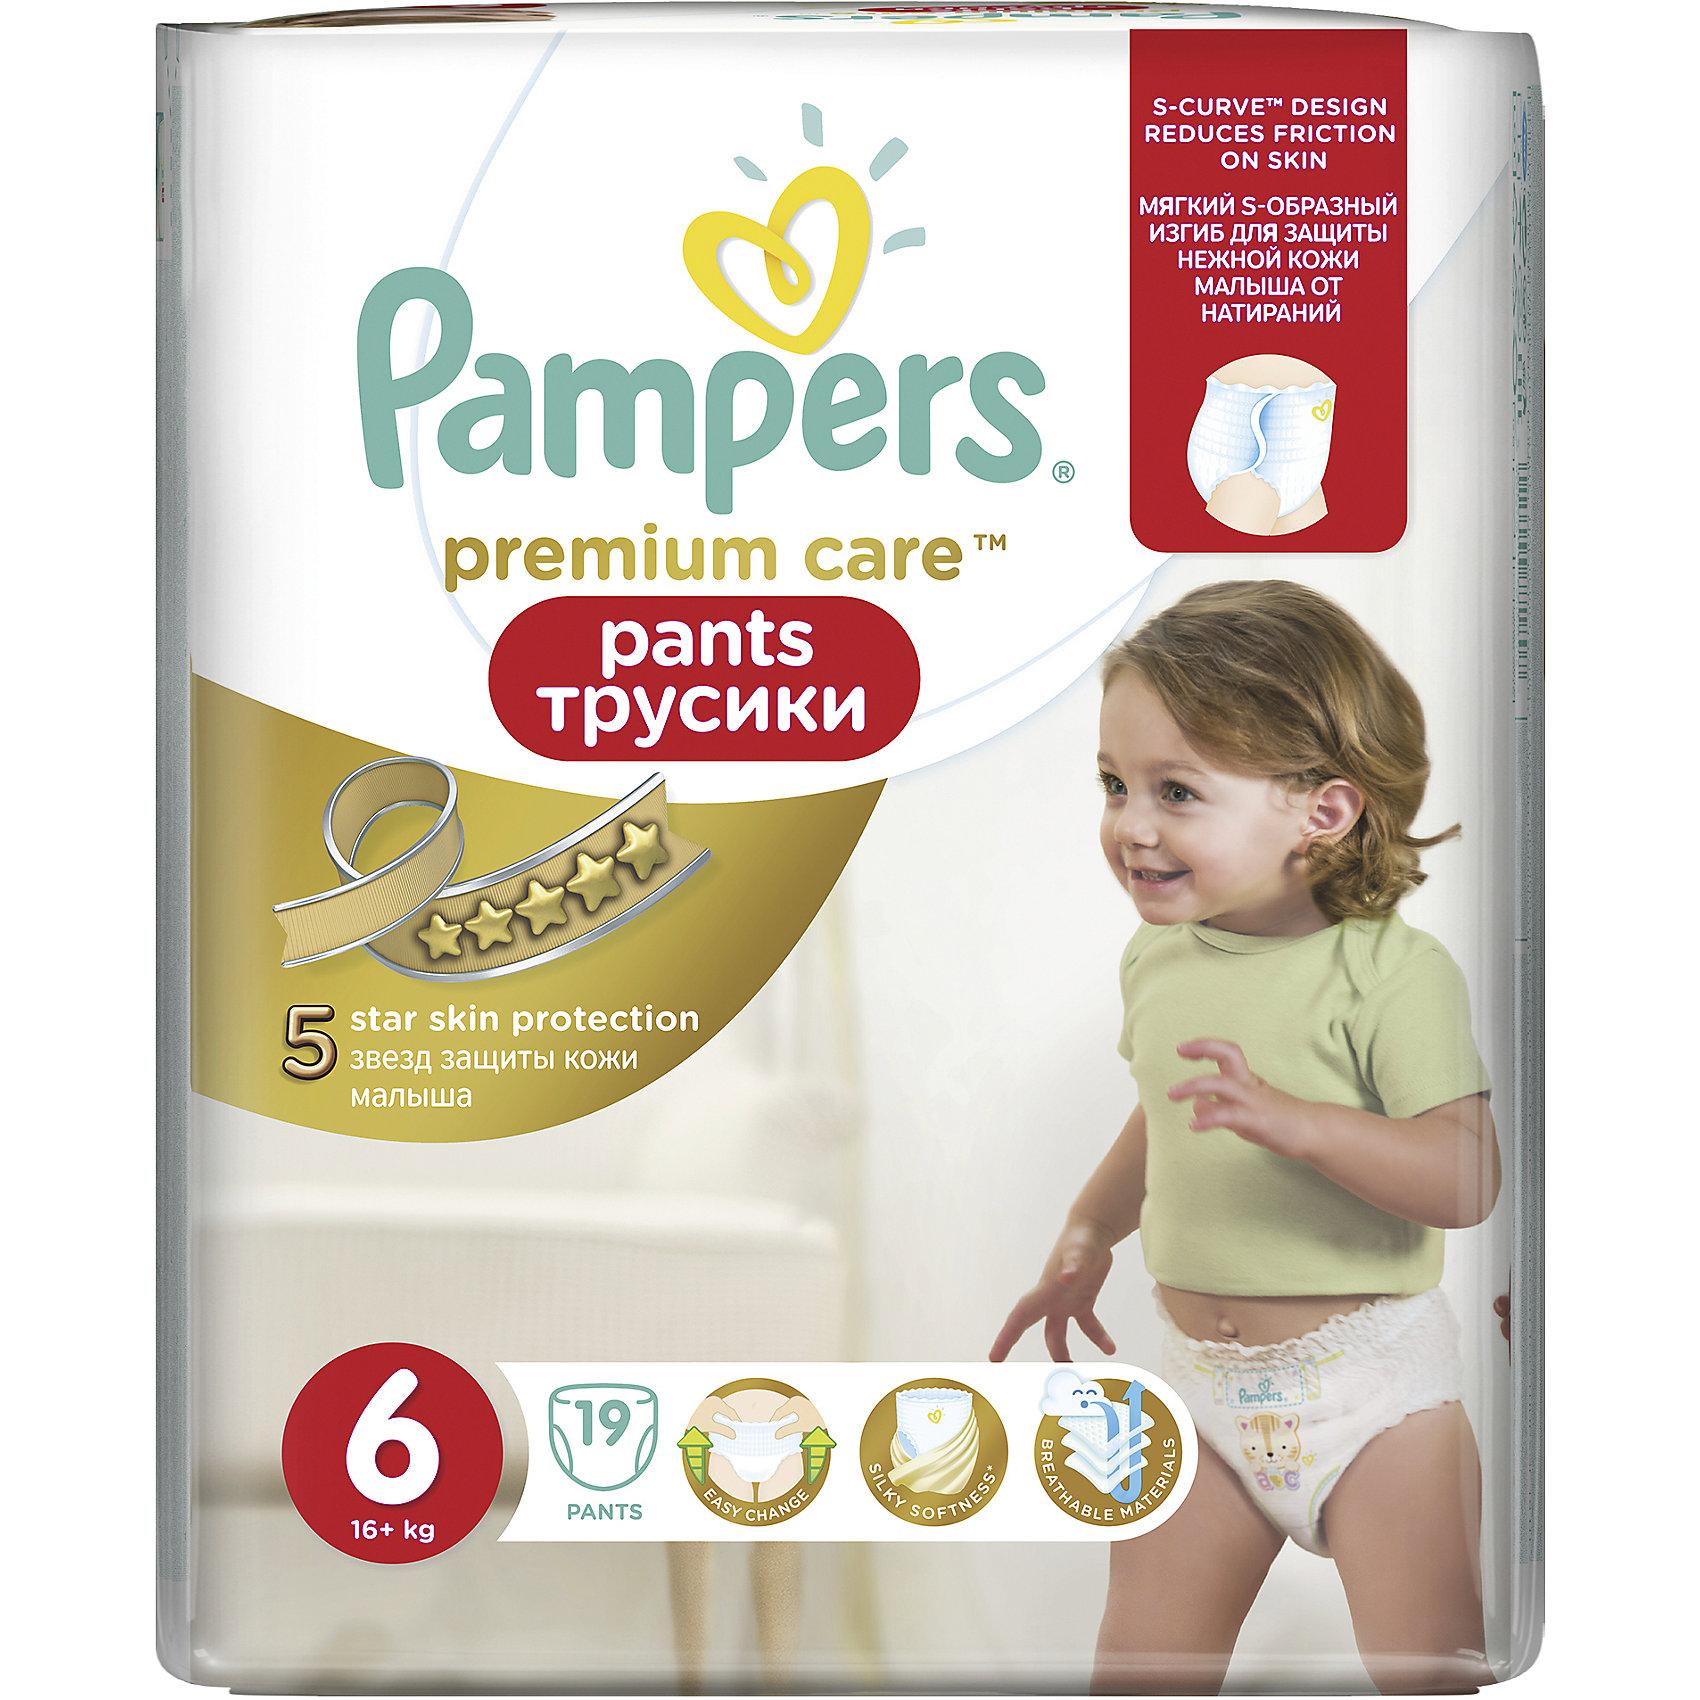 Трусики Pampers Premium Care Pants, 16кг+, размер 6, 19 шт., PampersТрусики-подгузники<br>Характеристики:<br><br>• Вид подгузника: трусики<br>• Пол: универсальный<br>• Тип подгузника: одноразовый<br>• Коллекция: Premium Care<br>• Предназначение: для использования в любое время суток <br>• Размер: 6<br>• Вес ребенка: 16+ кг<br>• Количество в упаковке: 18 шт.<br>• Упаковка: пакет<br>• Размер упаковки: 20,5*14,9*24,5 см<br>• Вес в упаковке: 783 г<br>• Наружные боковые швы<br>• Подходят для чувствительной кожи<br>• Индикатор влаги<br>• Дышащие материалы<br>• Повышенные впитывающие свойства<br><br>Трусики Pampers Premium Care Pants, 16+ кг, размер 6, 18 шт., Pampers – это новейшая линейка детских подгузников от Pampers, которая сочетает в себе высокое качество и безопасность материалов, удобство использования и комфорт для нежной кожи малыша. Подгузники выполнены в виде трусиков и предназначены для детей весом до 18 кг. Инновационные технологии и современные материалы обеспечивают этим подгузникам Дышащие свойства, что особенно важно для кожи малыша. <br><br>Три впитывающих слоя обеспечивают повышенные впитывающие качества, при этом верхний слой остается сухим и мягким. У трусиков предусмотрена эластичная мягкая резиночка на спинке и манжеты на ножках, что защищает от протекания. У изделия имеется индикатор сухости-влажности: полоска, которая по мере наполнения меняет цвет. Боковые наружные швы не натирают нежную кожу малыша, легко разрываются при смене трусиков. Сзади имеется клейкая лента, которая позволяет зафиксировать свернутые после использования трусики. Трусики подходит как для мальчиков, так и для девочек. <br><br>Трусики Pampers Premium Care Pants, 16+ кг, размер 6, 18 шт., Pampers можно купить в нашем интернет-магазине.<br><br>Ширина мм: 205<br>Глубина мм: 145<br>Высота мм: 245<br>Вес г: 783<br>Возраст от месяцев: 12<br>Возраст до месяцев: 36<br>Пол: Унисекс<br>Возраст: Детский<br>SKU: 5419035